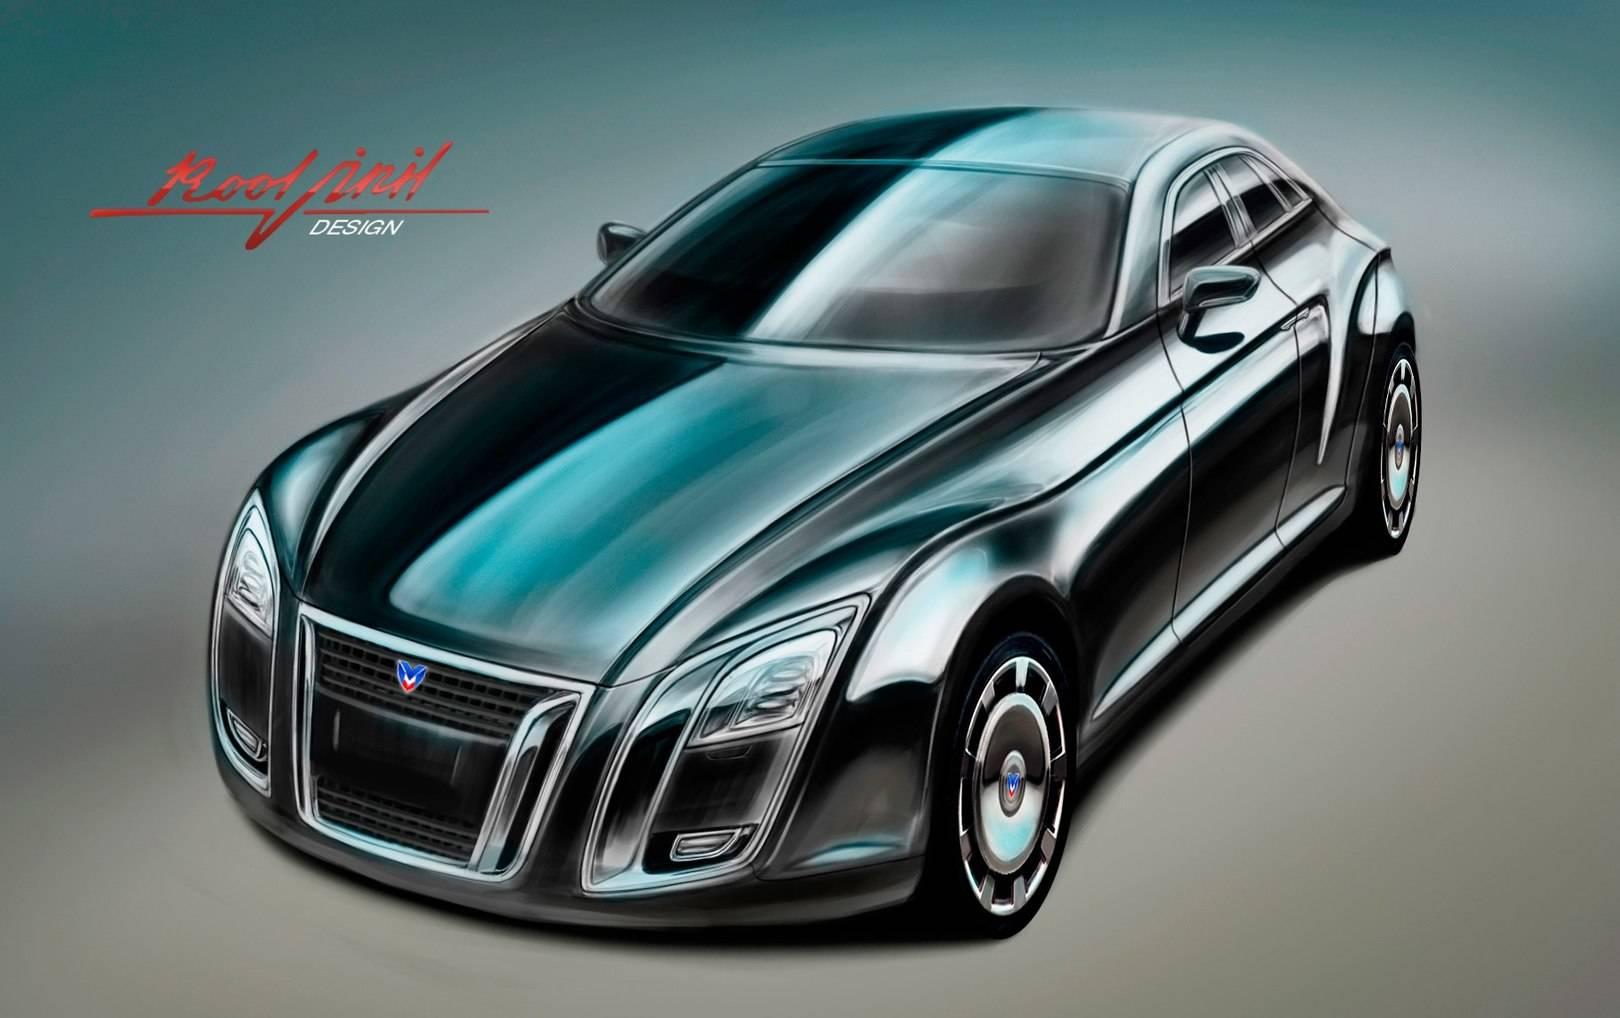 Marussia L1 (Car for presedent contest)